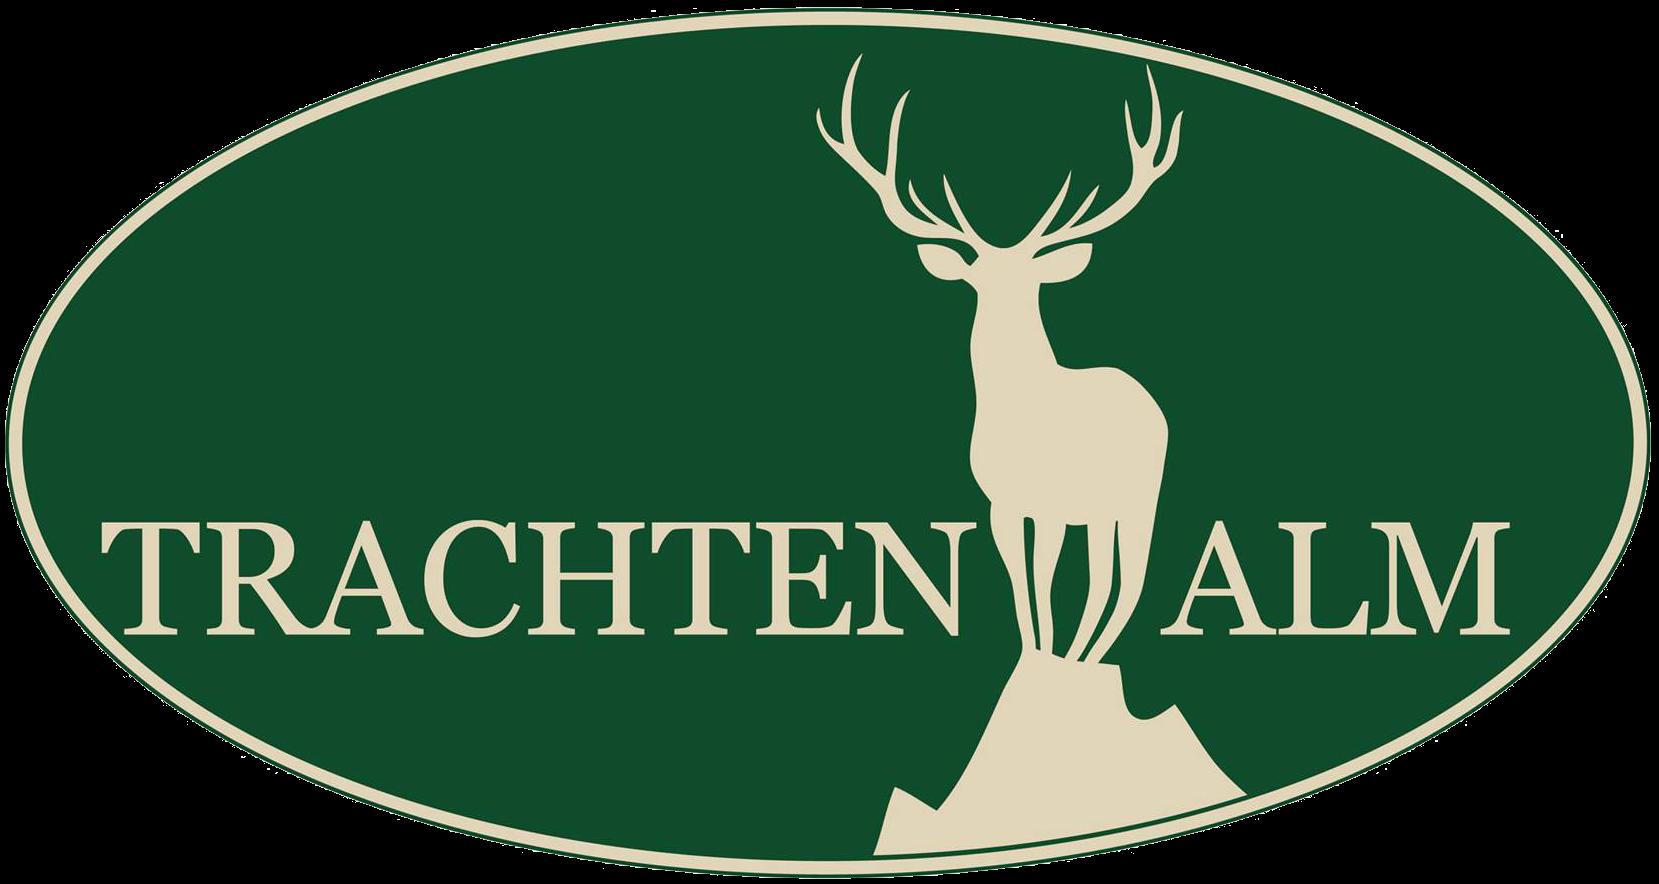 Trachtenalm - Trachtenmode in Oberösterreich | Trachtenalm ist Ihr Trachtenmodegeschäft in Ried im Innkreis, Schärding und Grieskirchen. Dirndl, Trachtenkostüm, Lederhose, Trachtenanzug und vieles mehr ...